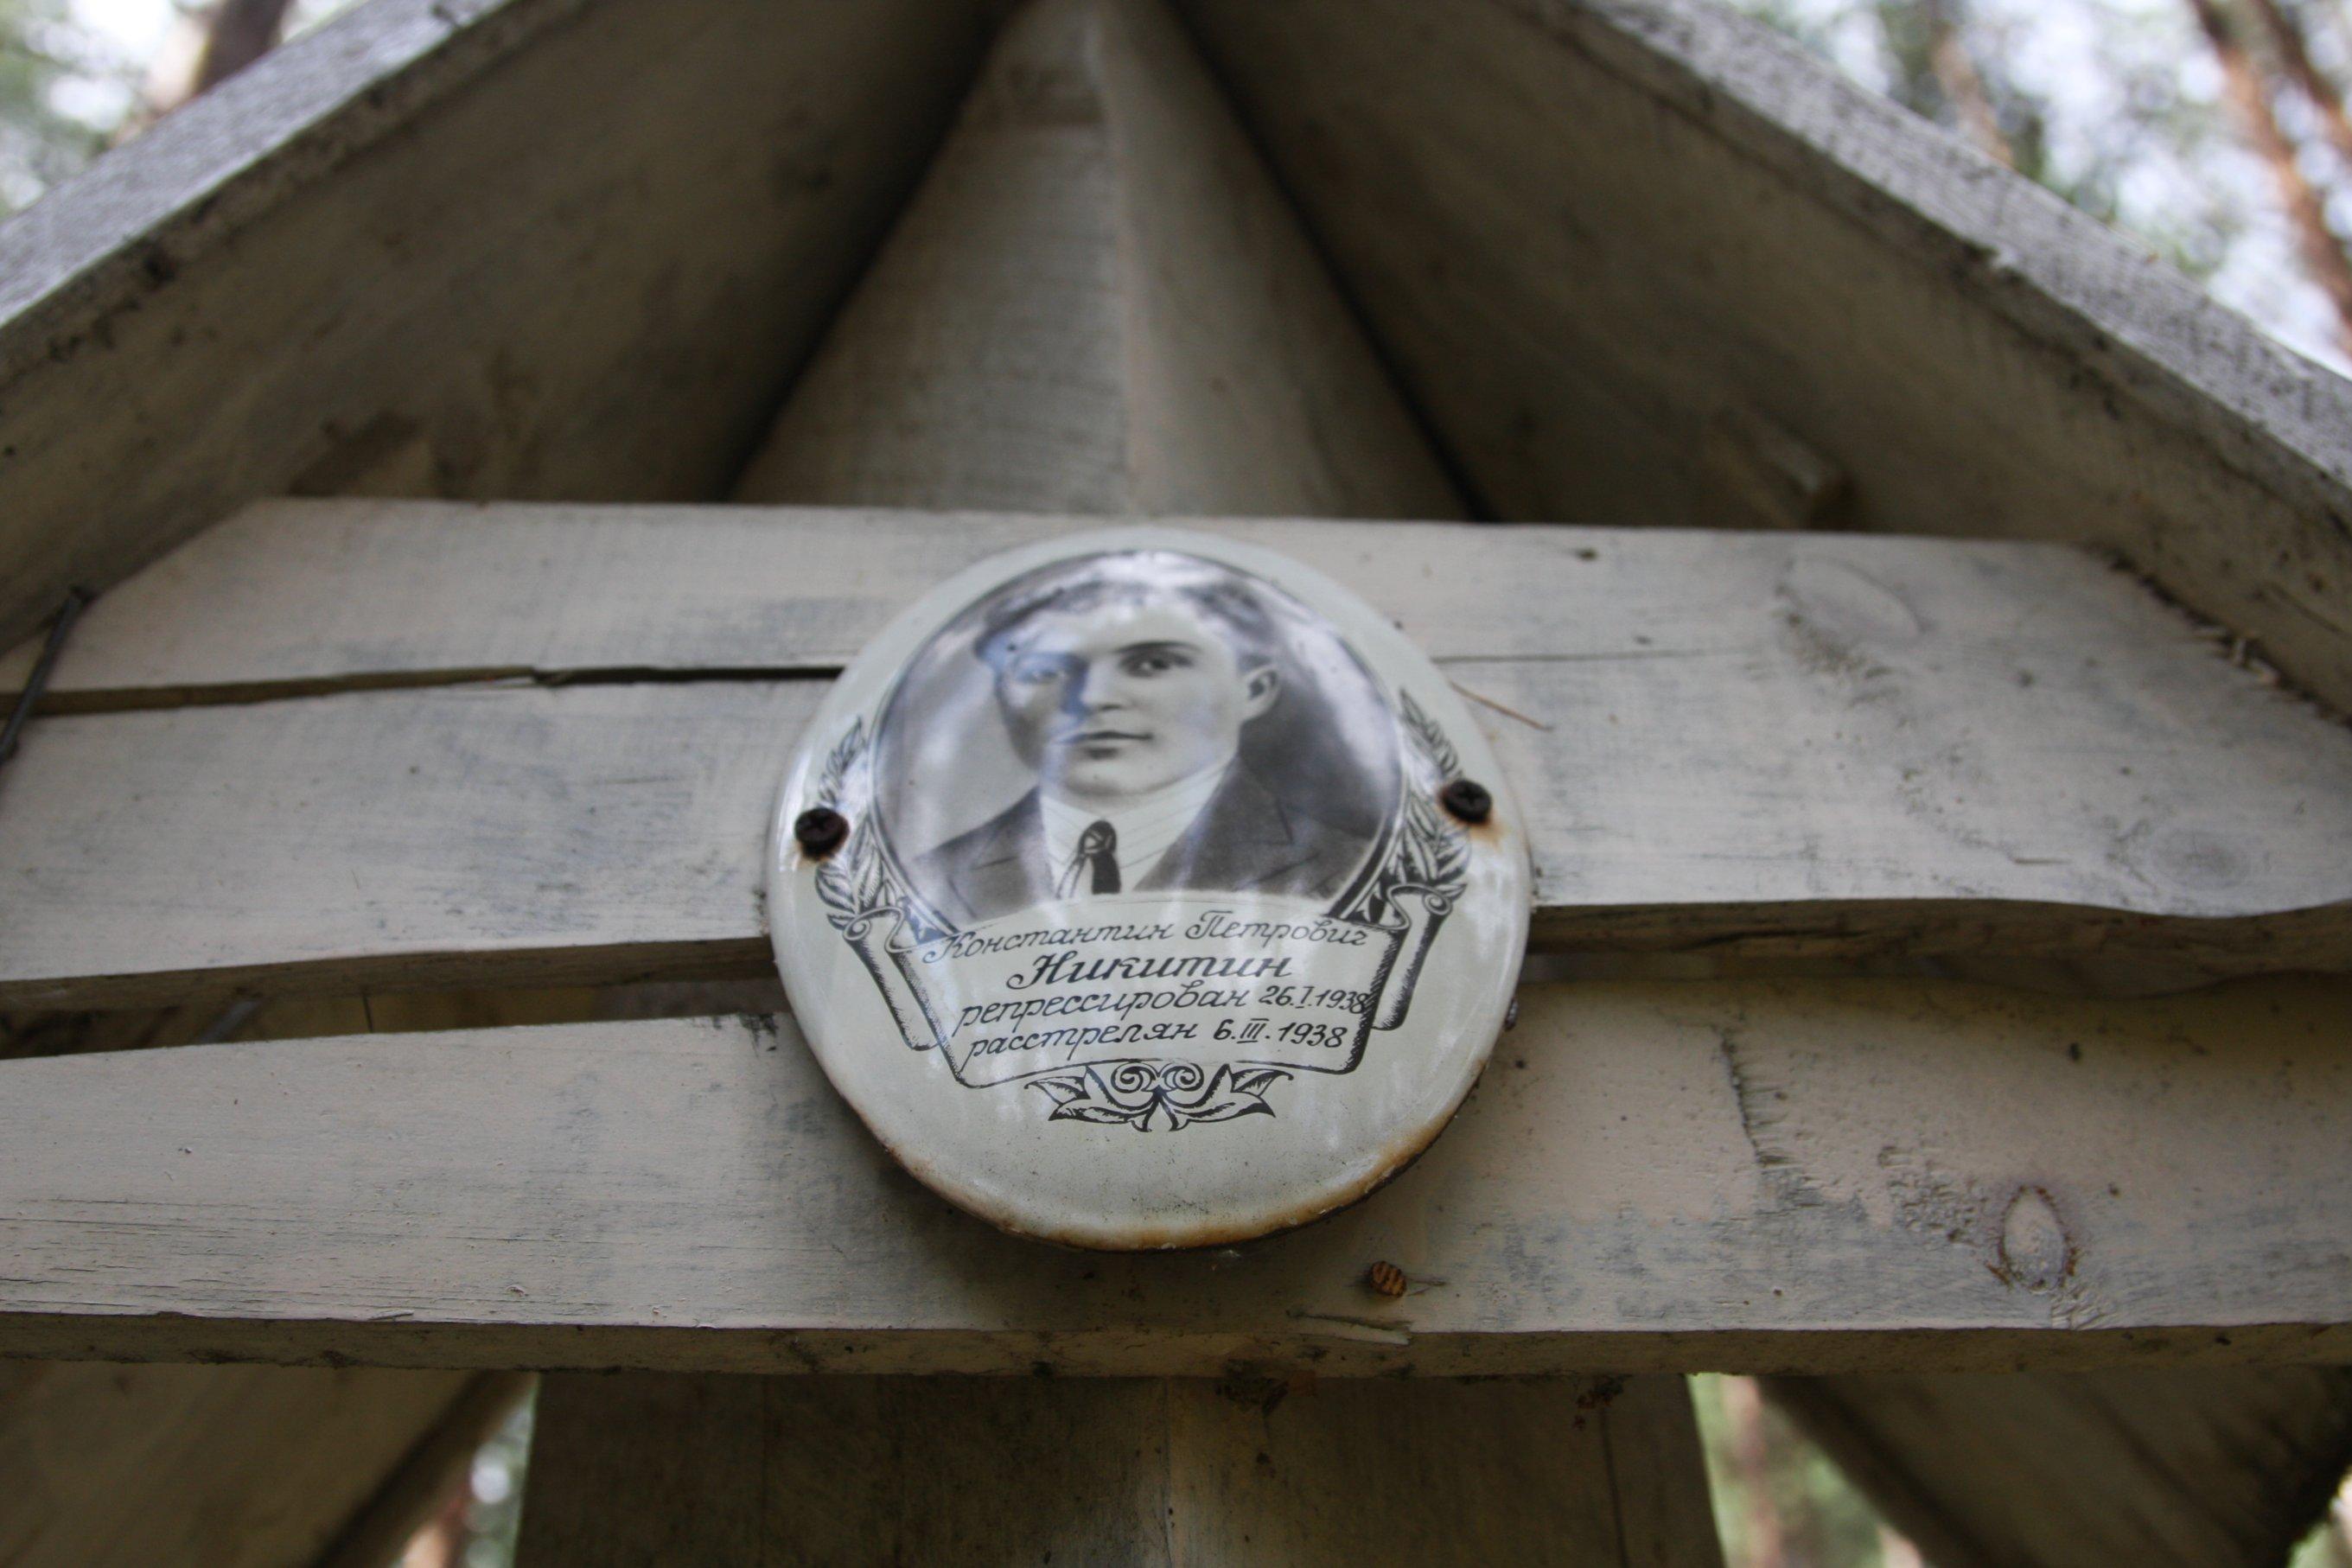 Памятная табличка «Константин Петрович Никитин». Фото 04.08.2018.